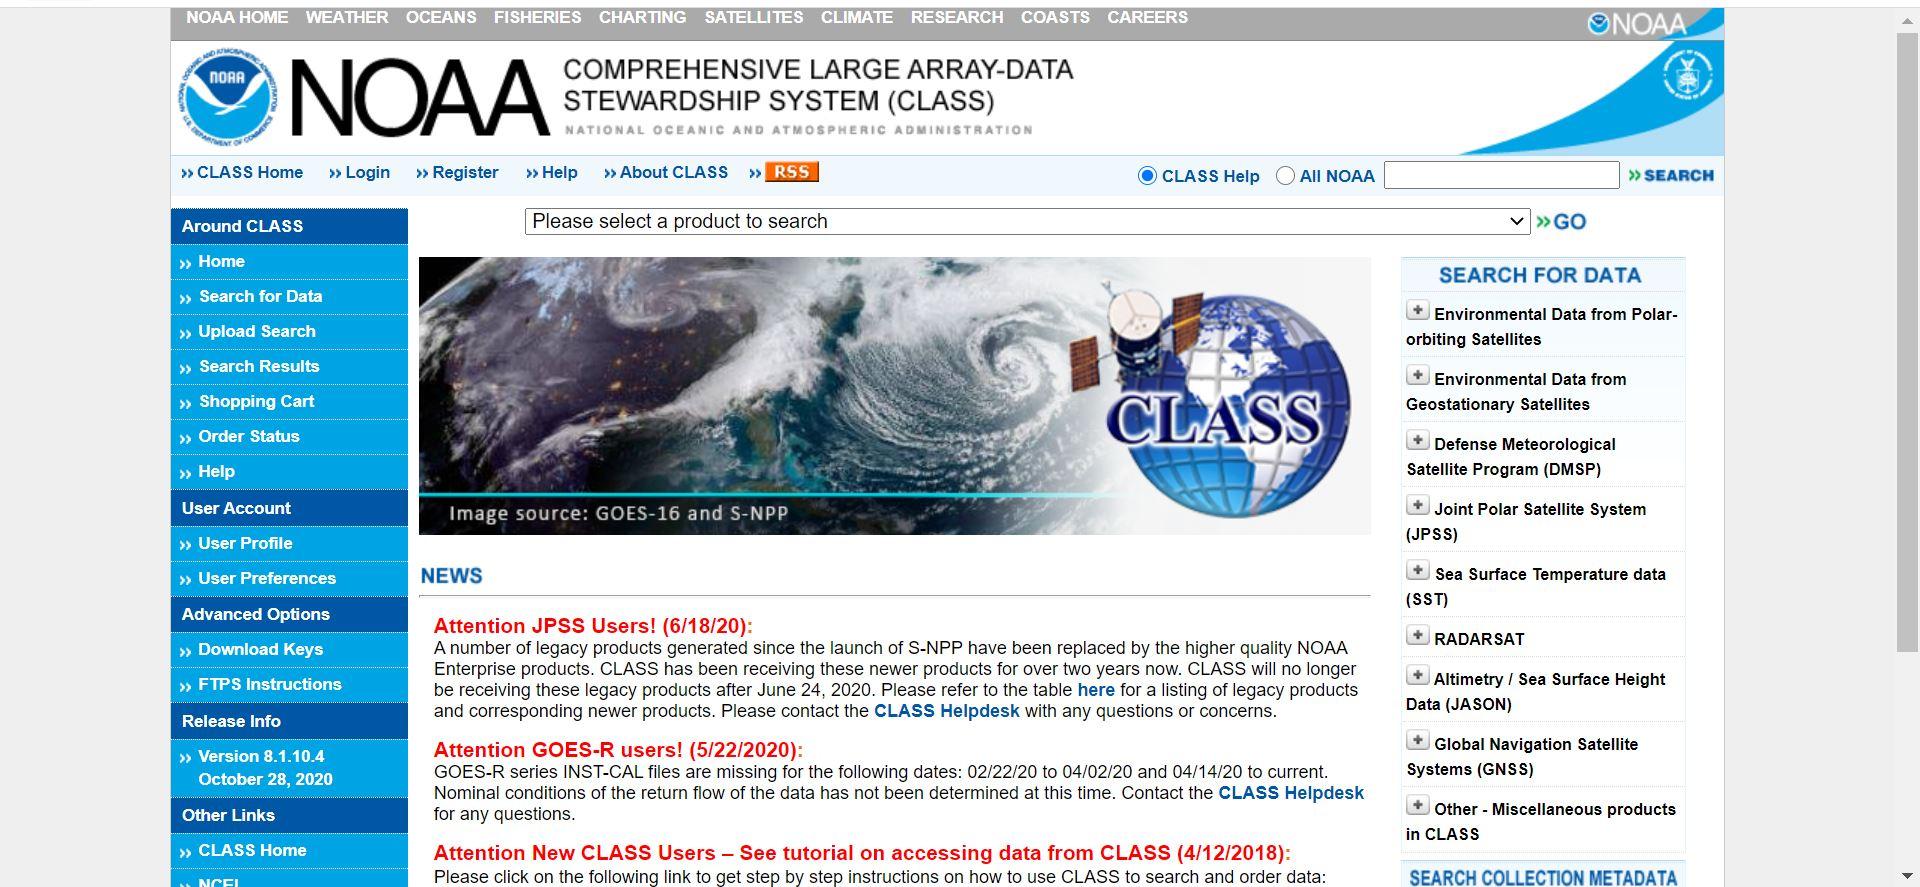 دانلود تصاویر از سایت NOAA CLASS